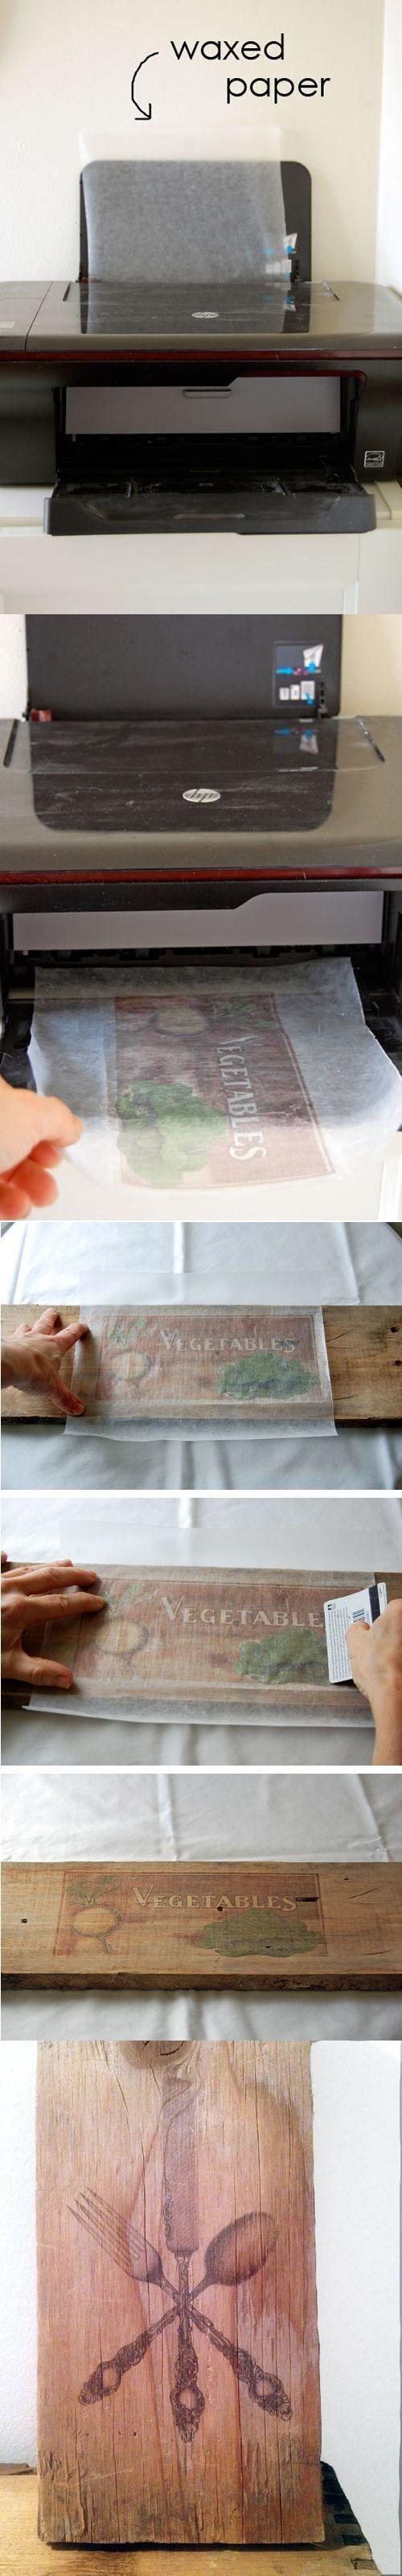 How to transfer a photo onto a slab of wood… for a unique diy photo display. http://www.bigdiyideas.com